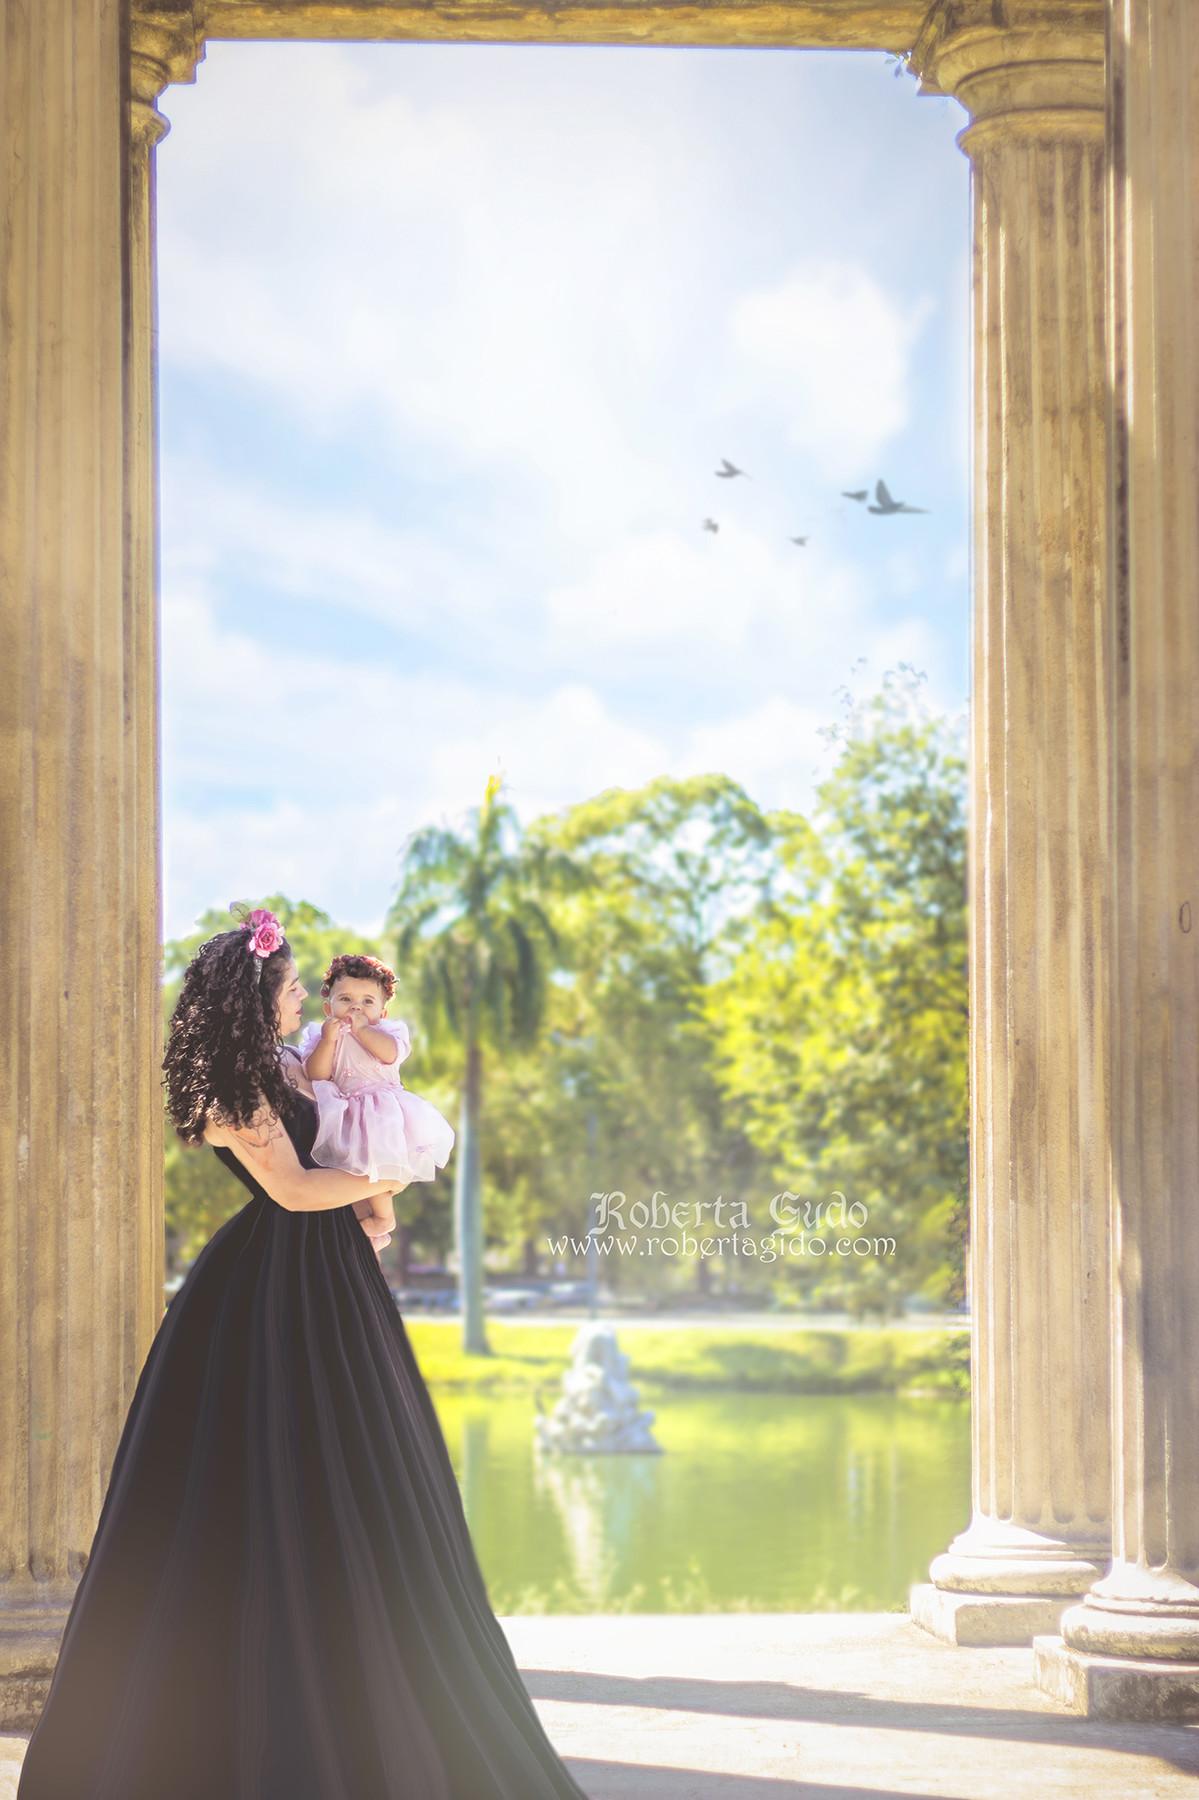 ensaio fotográfico fadas mãe e filha